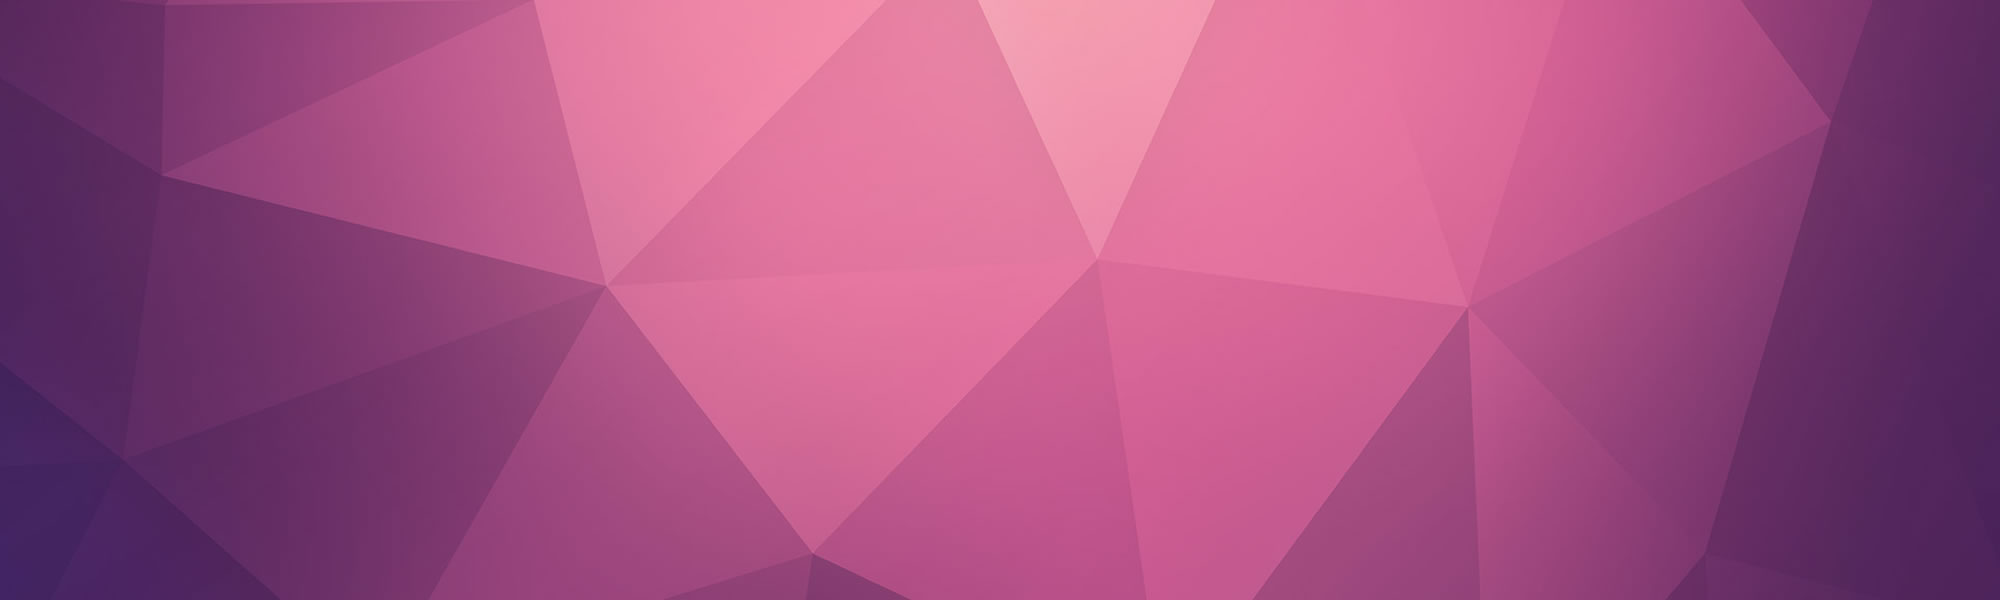 bg-color-ungu